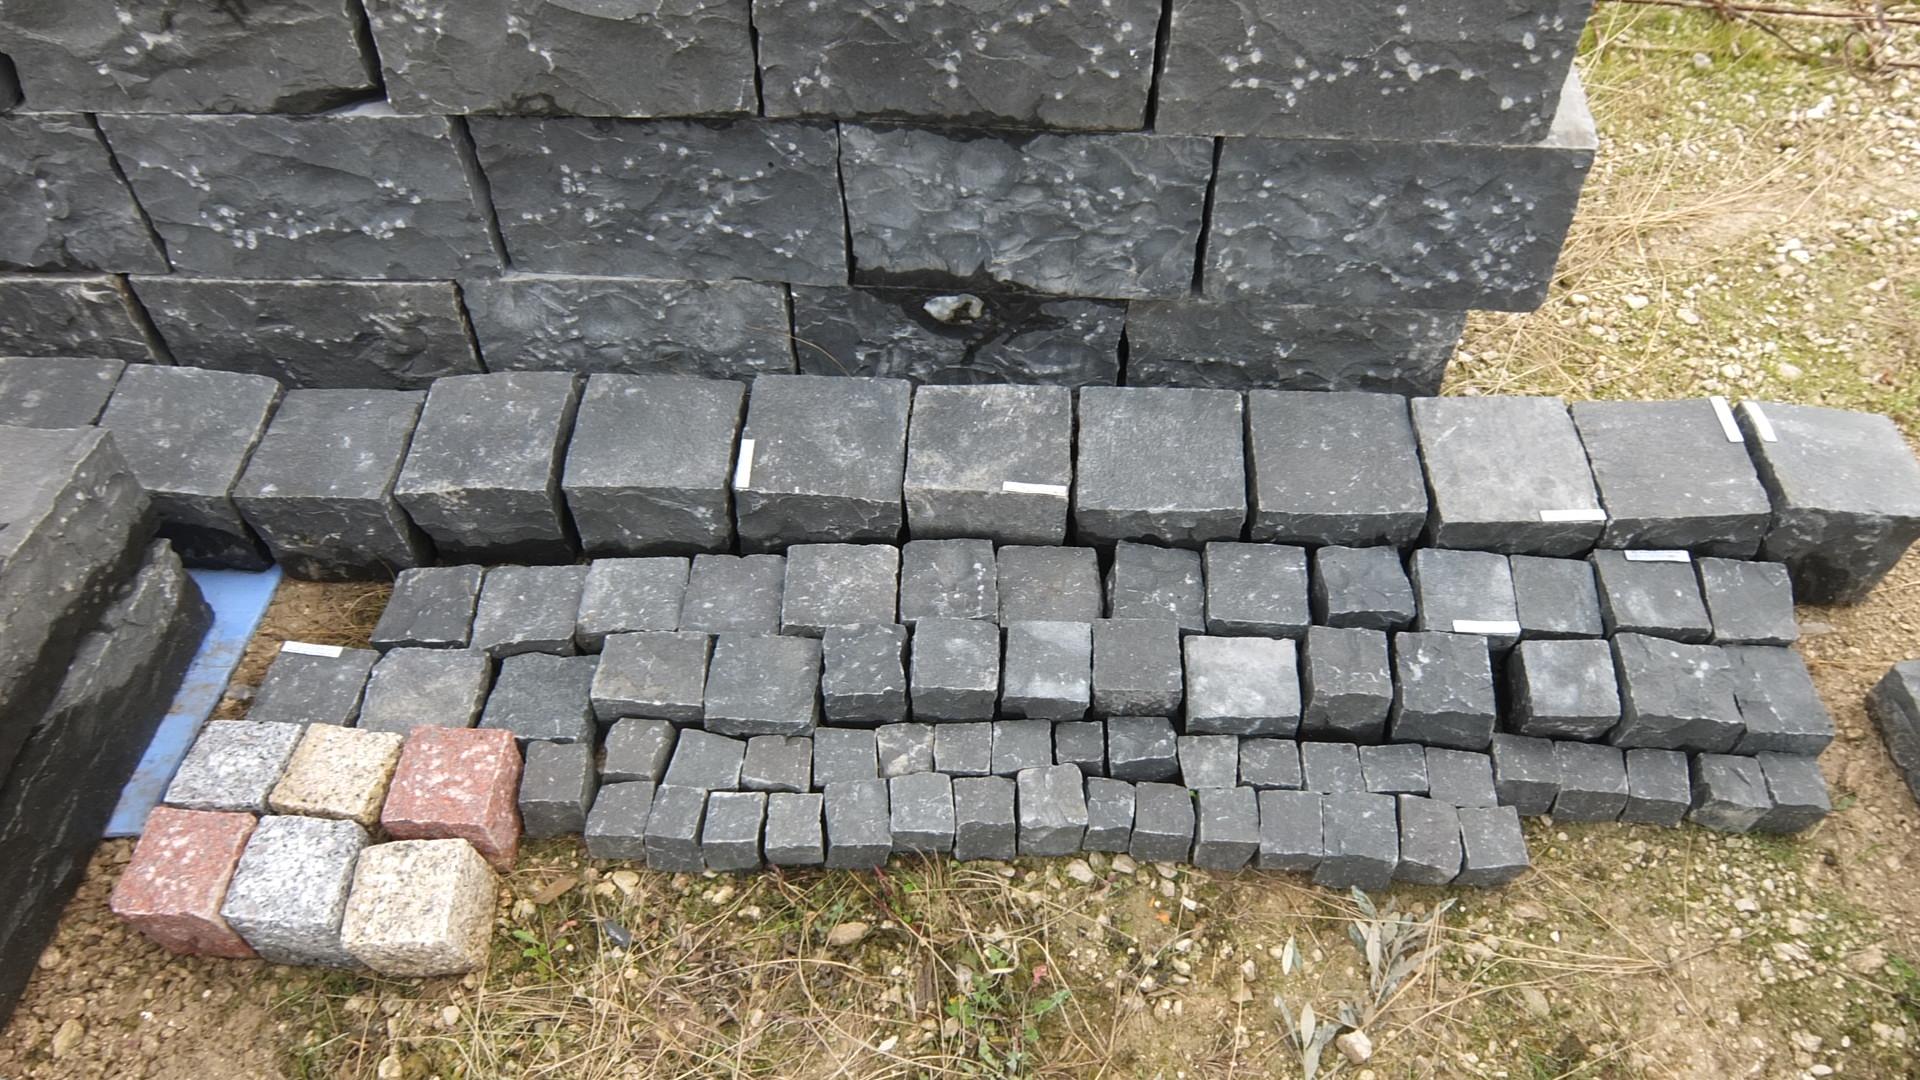 Mattoni prezzi calo dei prezzi delle case with mattoni for Costo di costruzione casa di mattoni